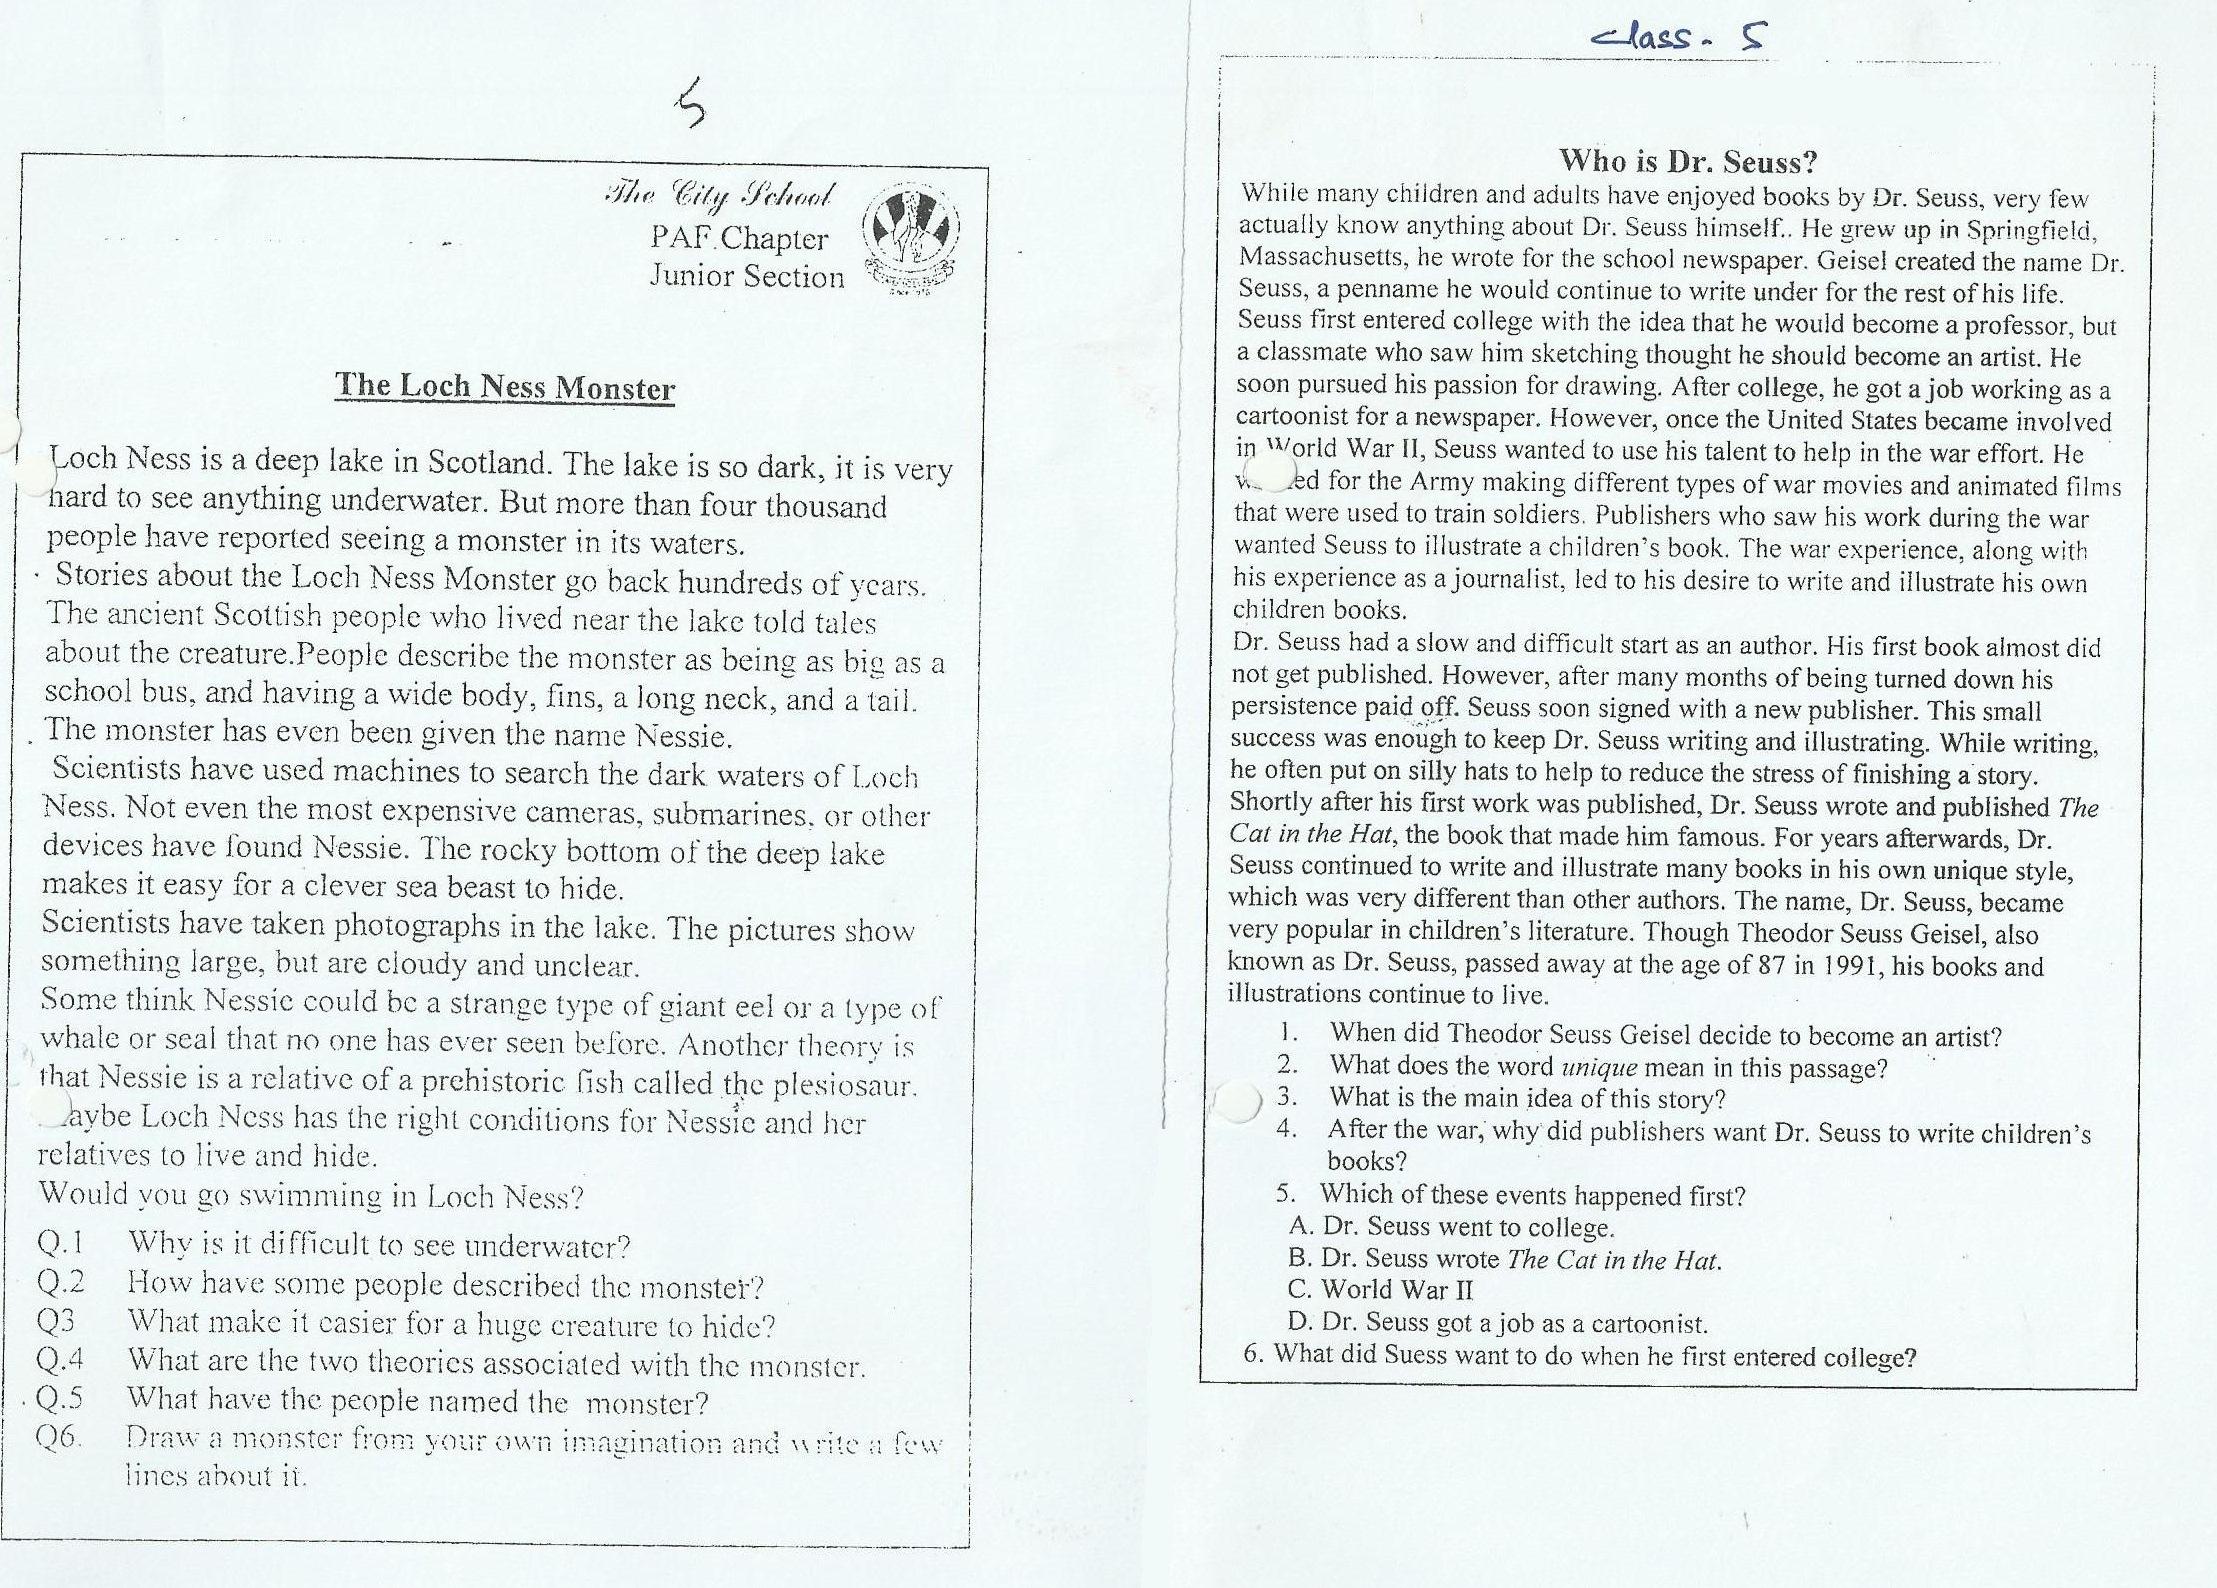 Books Never Written Math Worksheet Answers 14 7 math 120 section – Books Never Written Math Worksheet